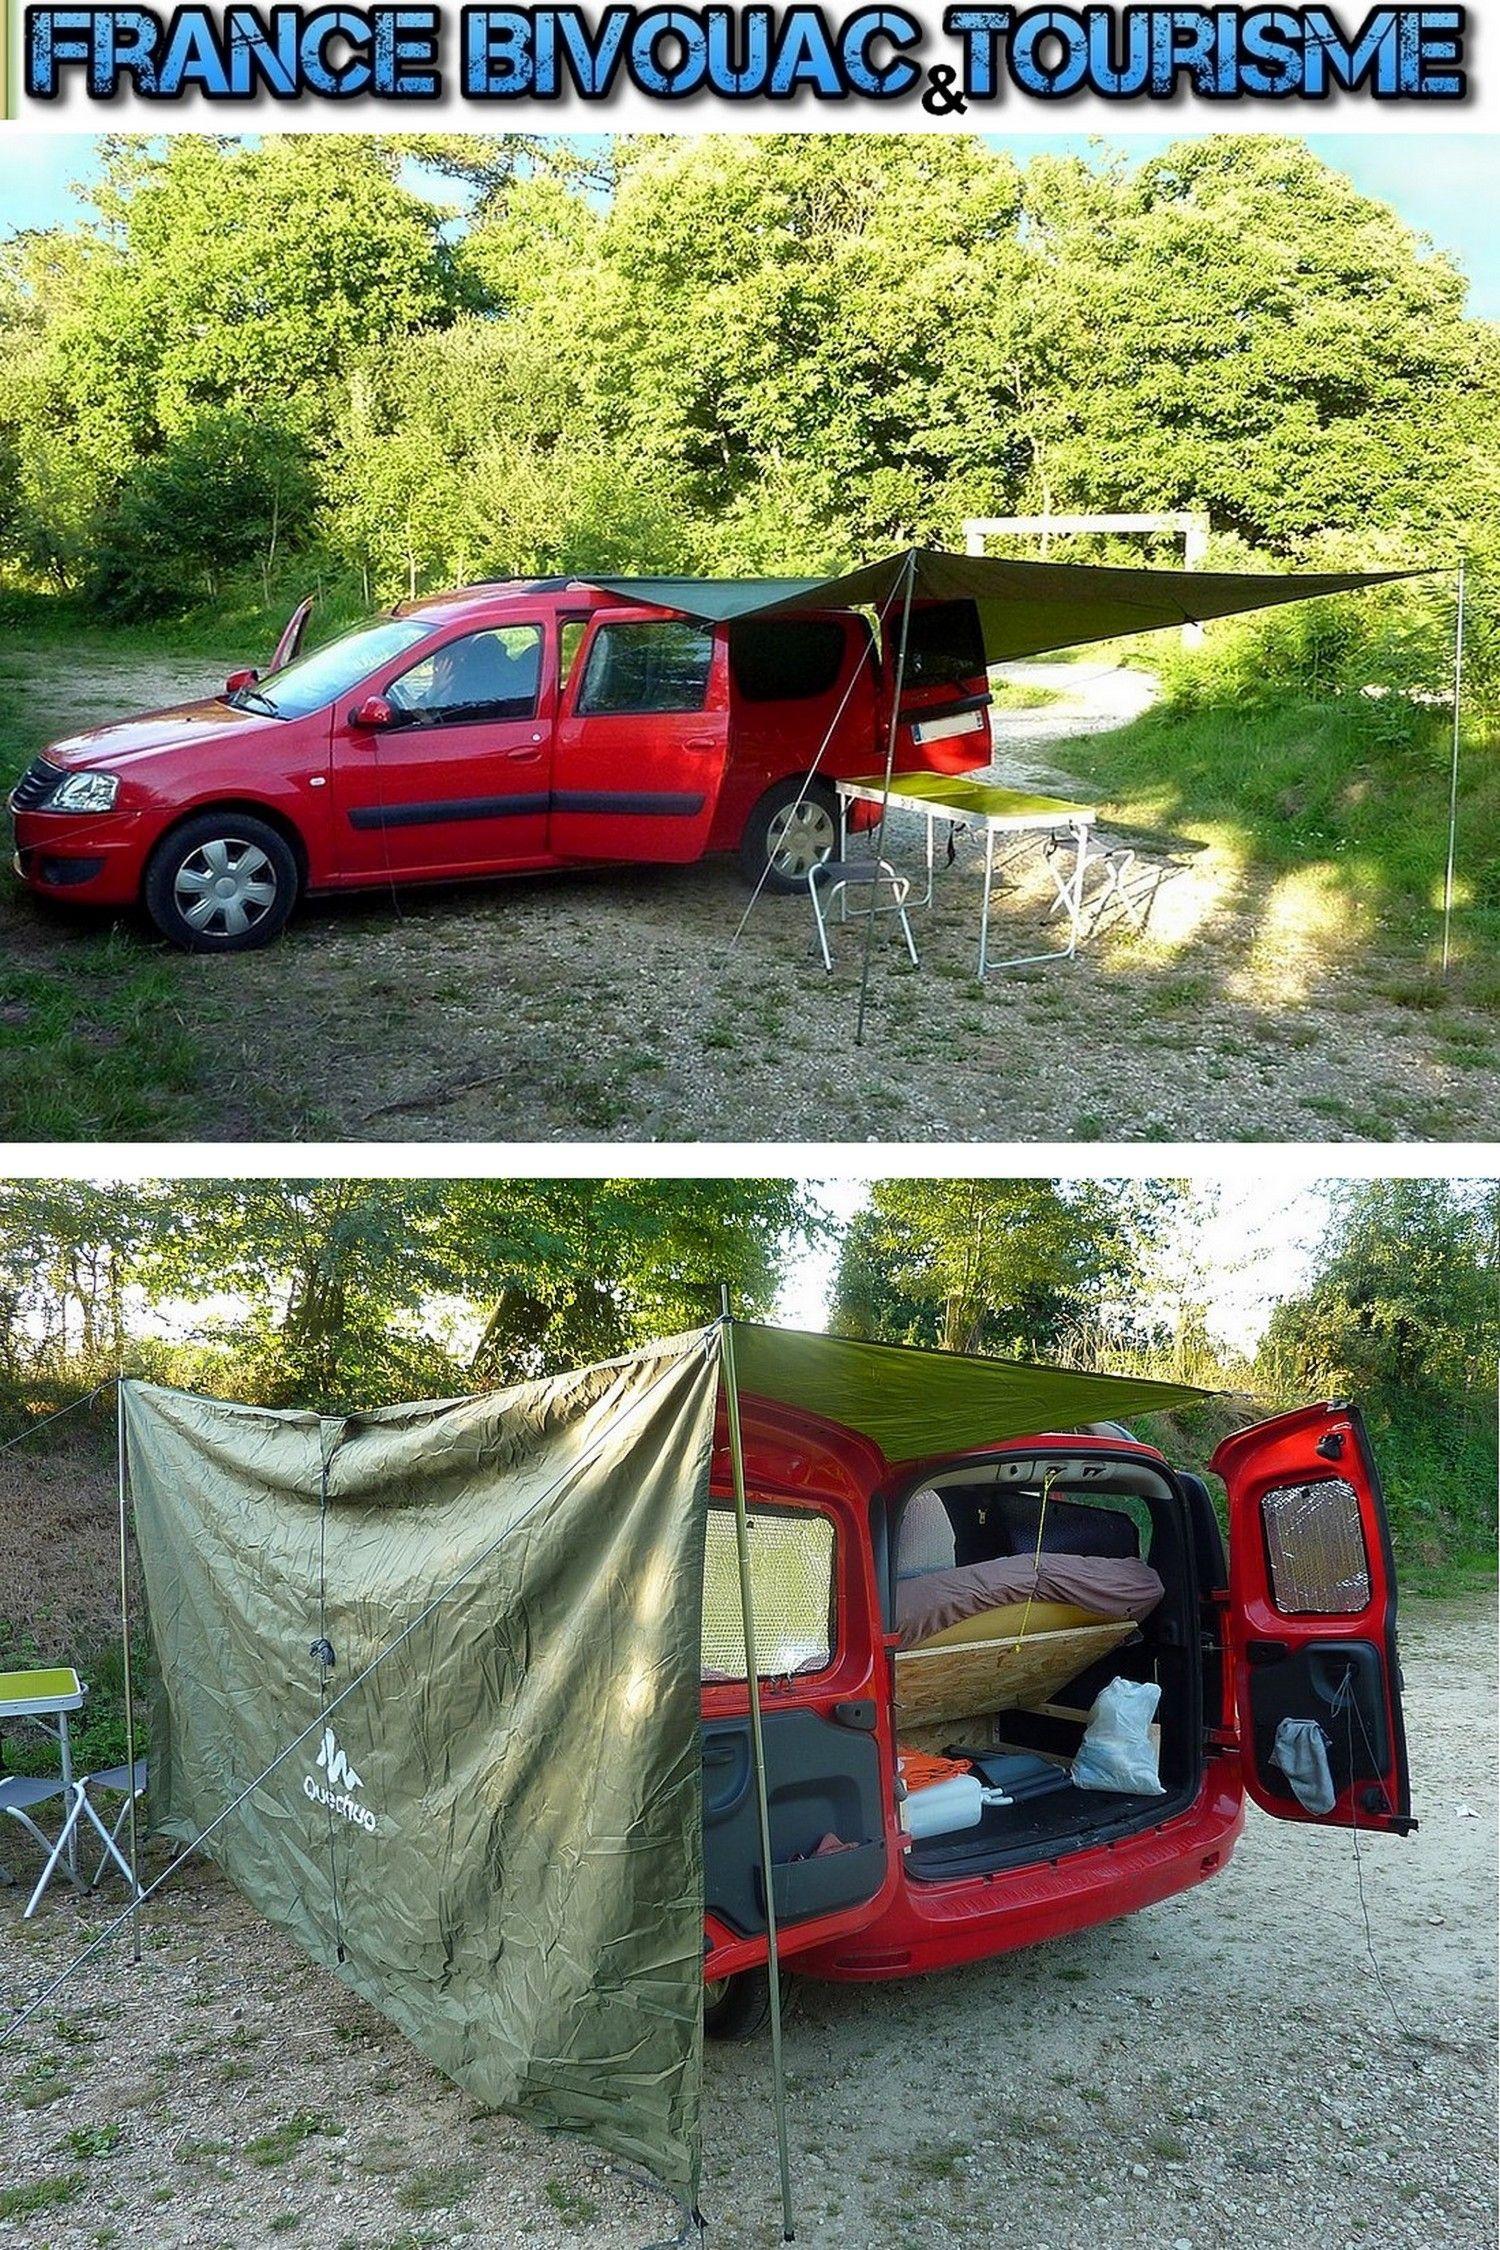 france bivouac et tourisme dacia logan break camping car am nagement int rieur pour dormir et. Black Bedroom Furniture Sets. Home Design Ideas